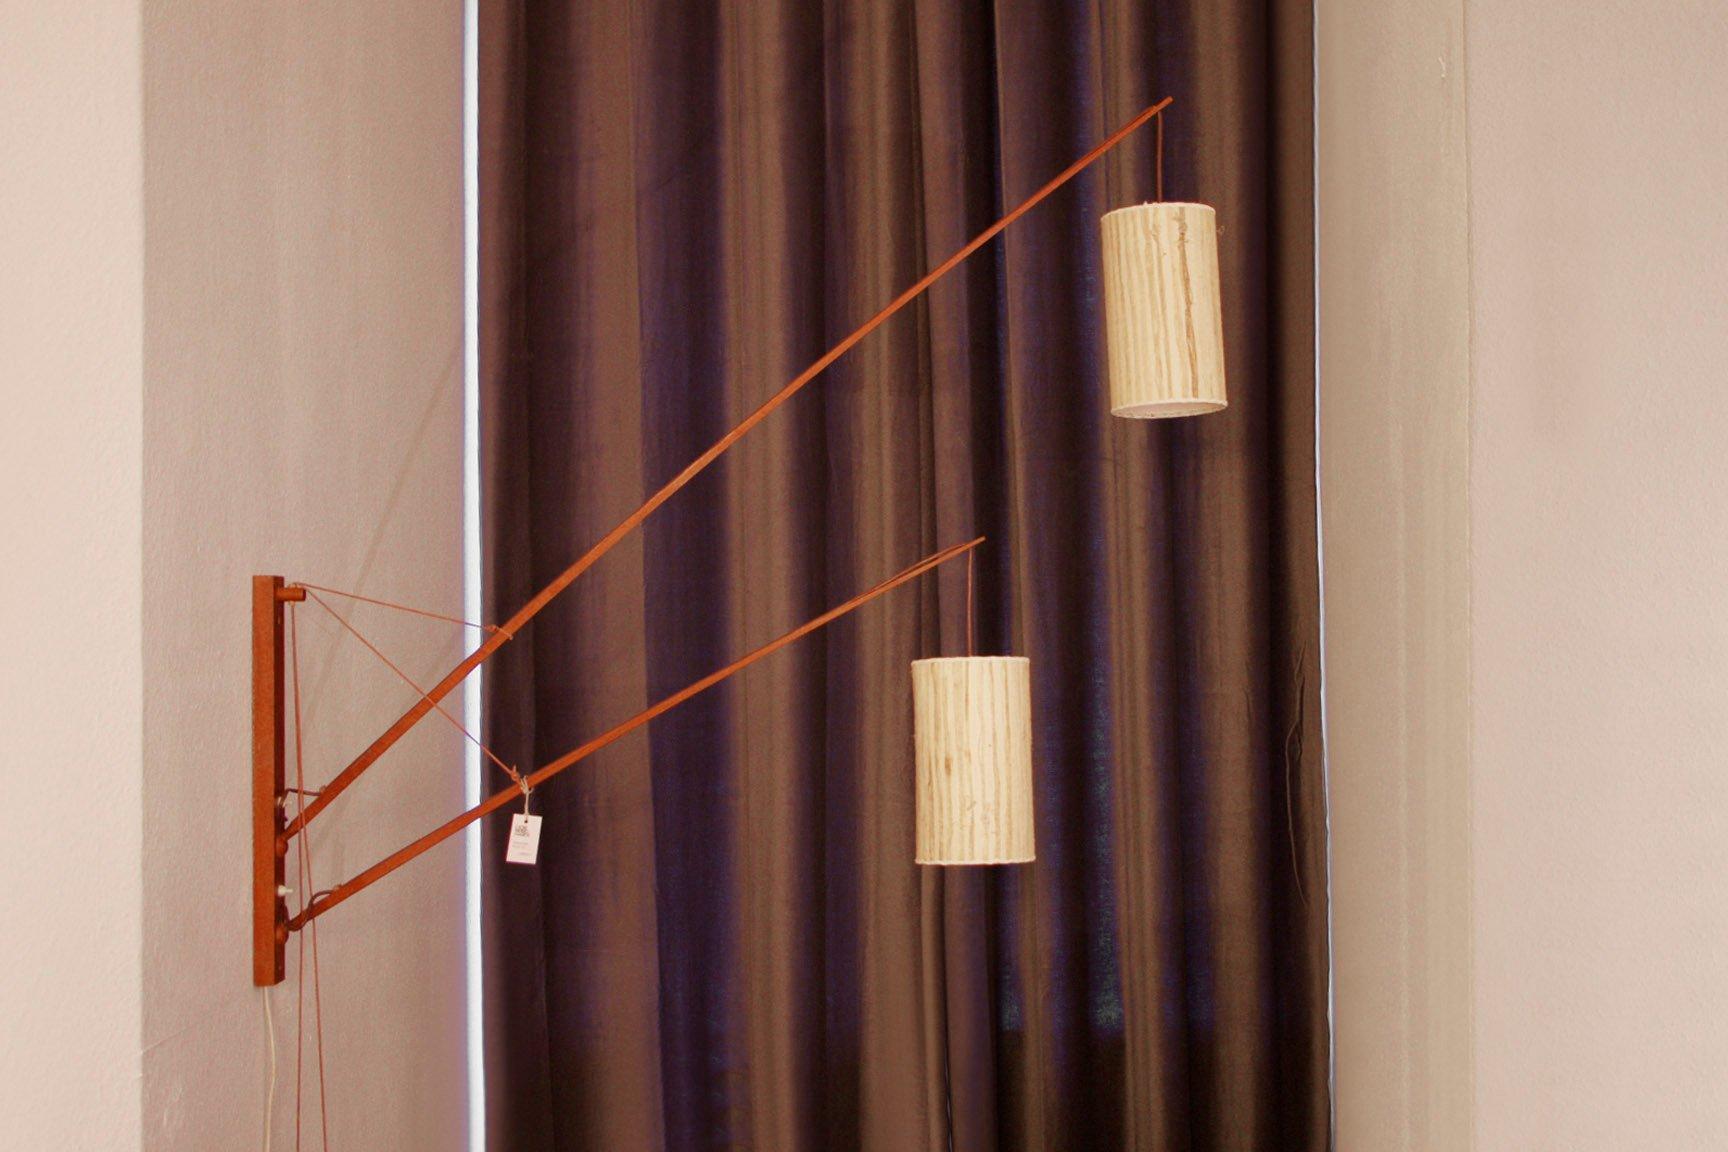 teakholz wandlampe von rupprecht skrip f r skrip leuchten 1958 bei pamono kaufen. Black Bedroom Furniture Sets. Home Design Ideas